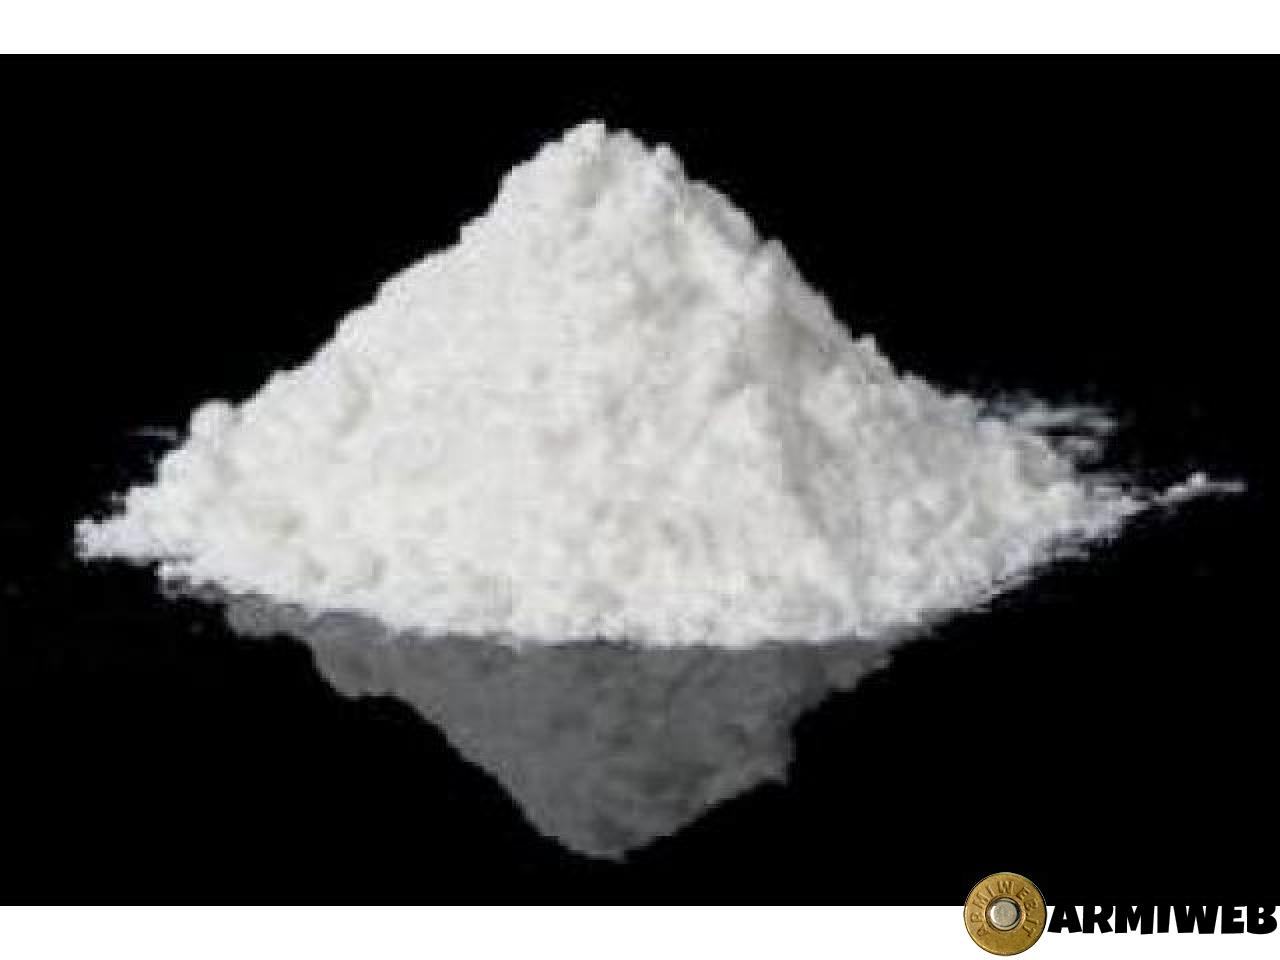 cianuro di elevata purezza di potassio in vendita (99,8% puro KCN